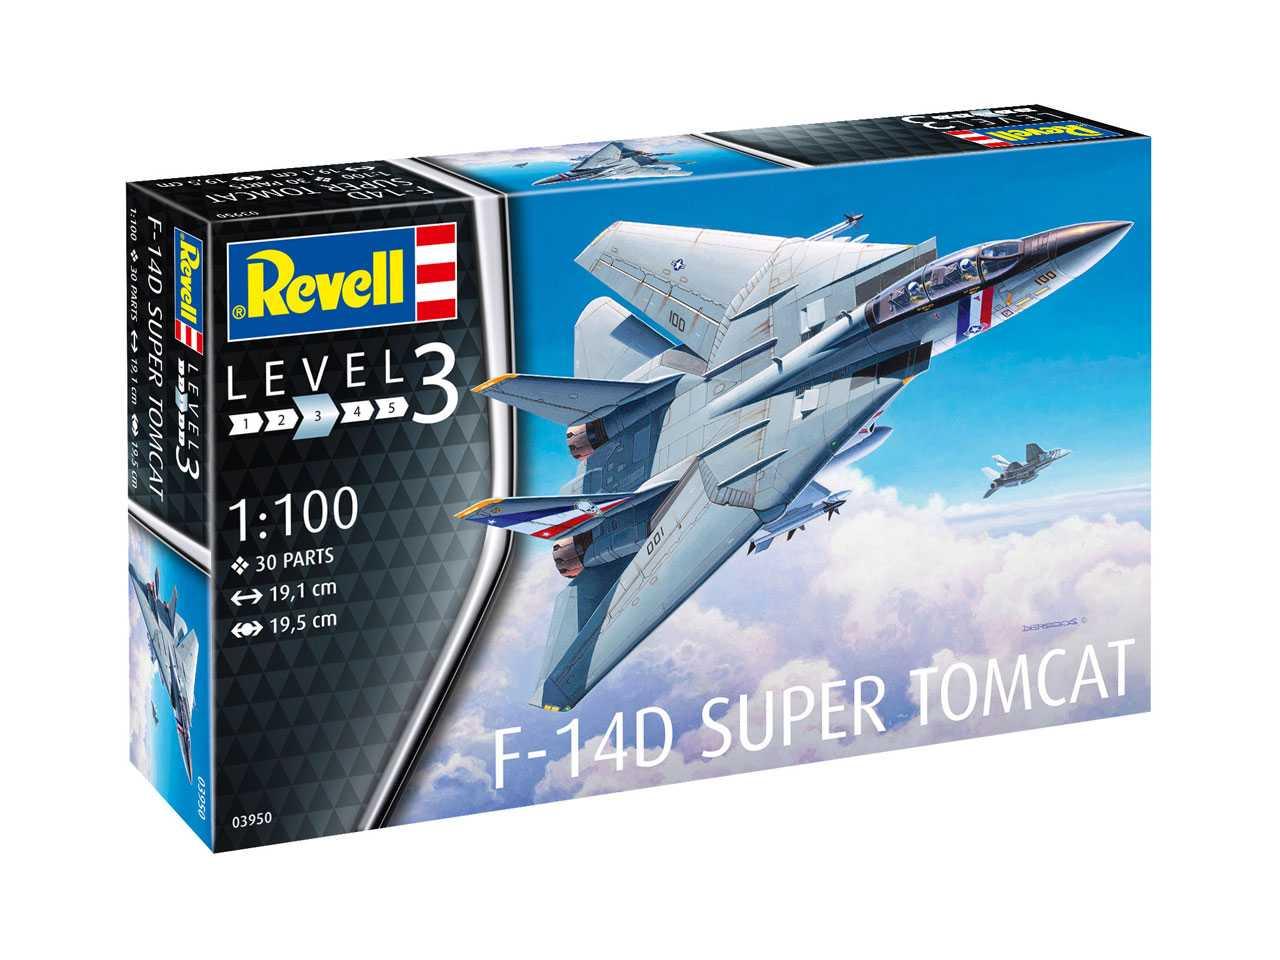 Náhled produktu - 1:100 Grumman F-14D Super Tomcat